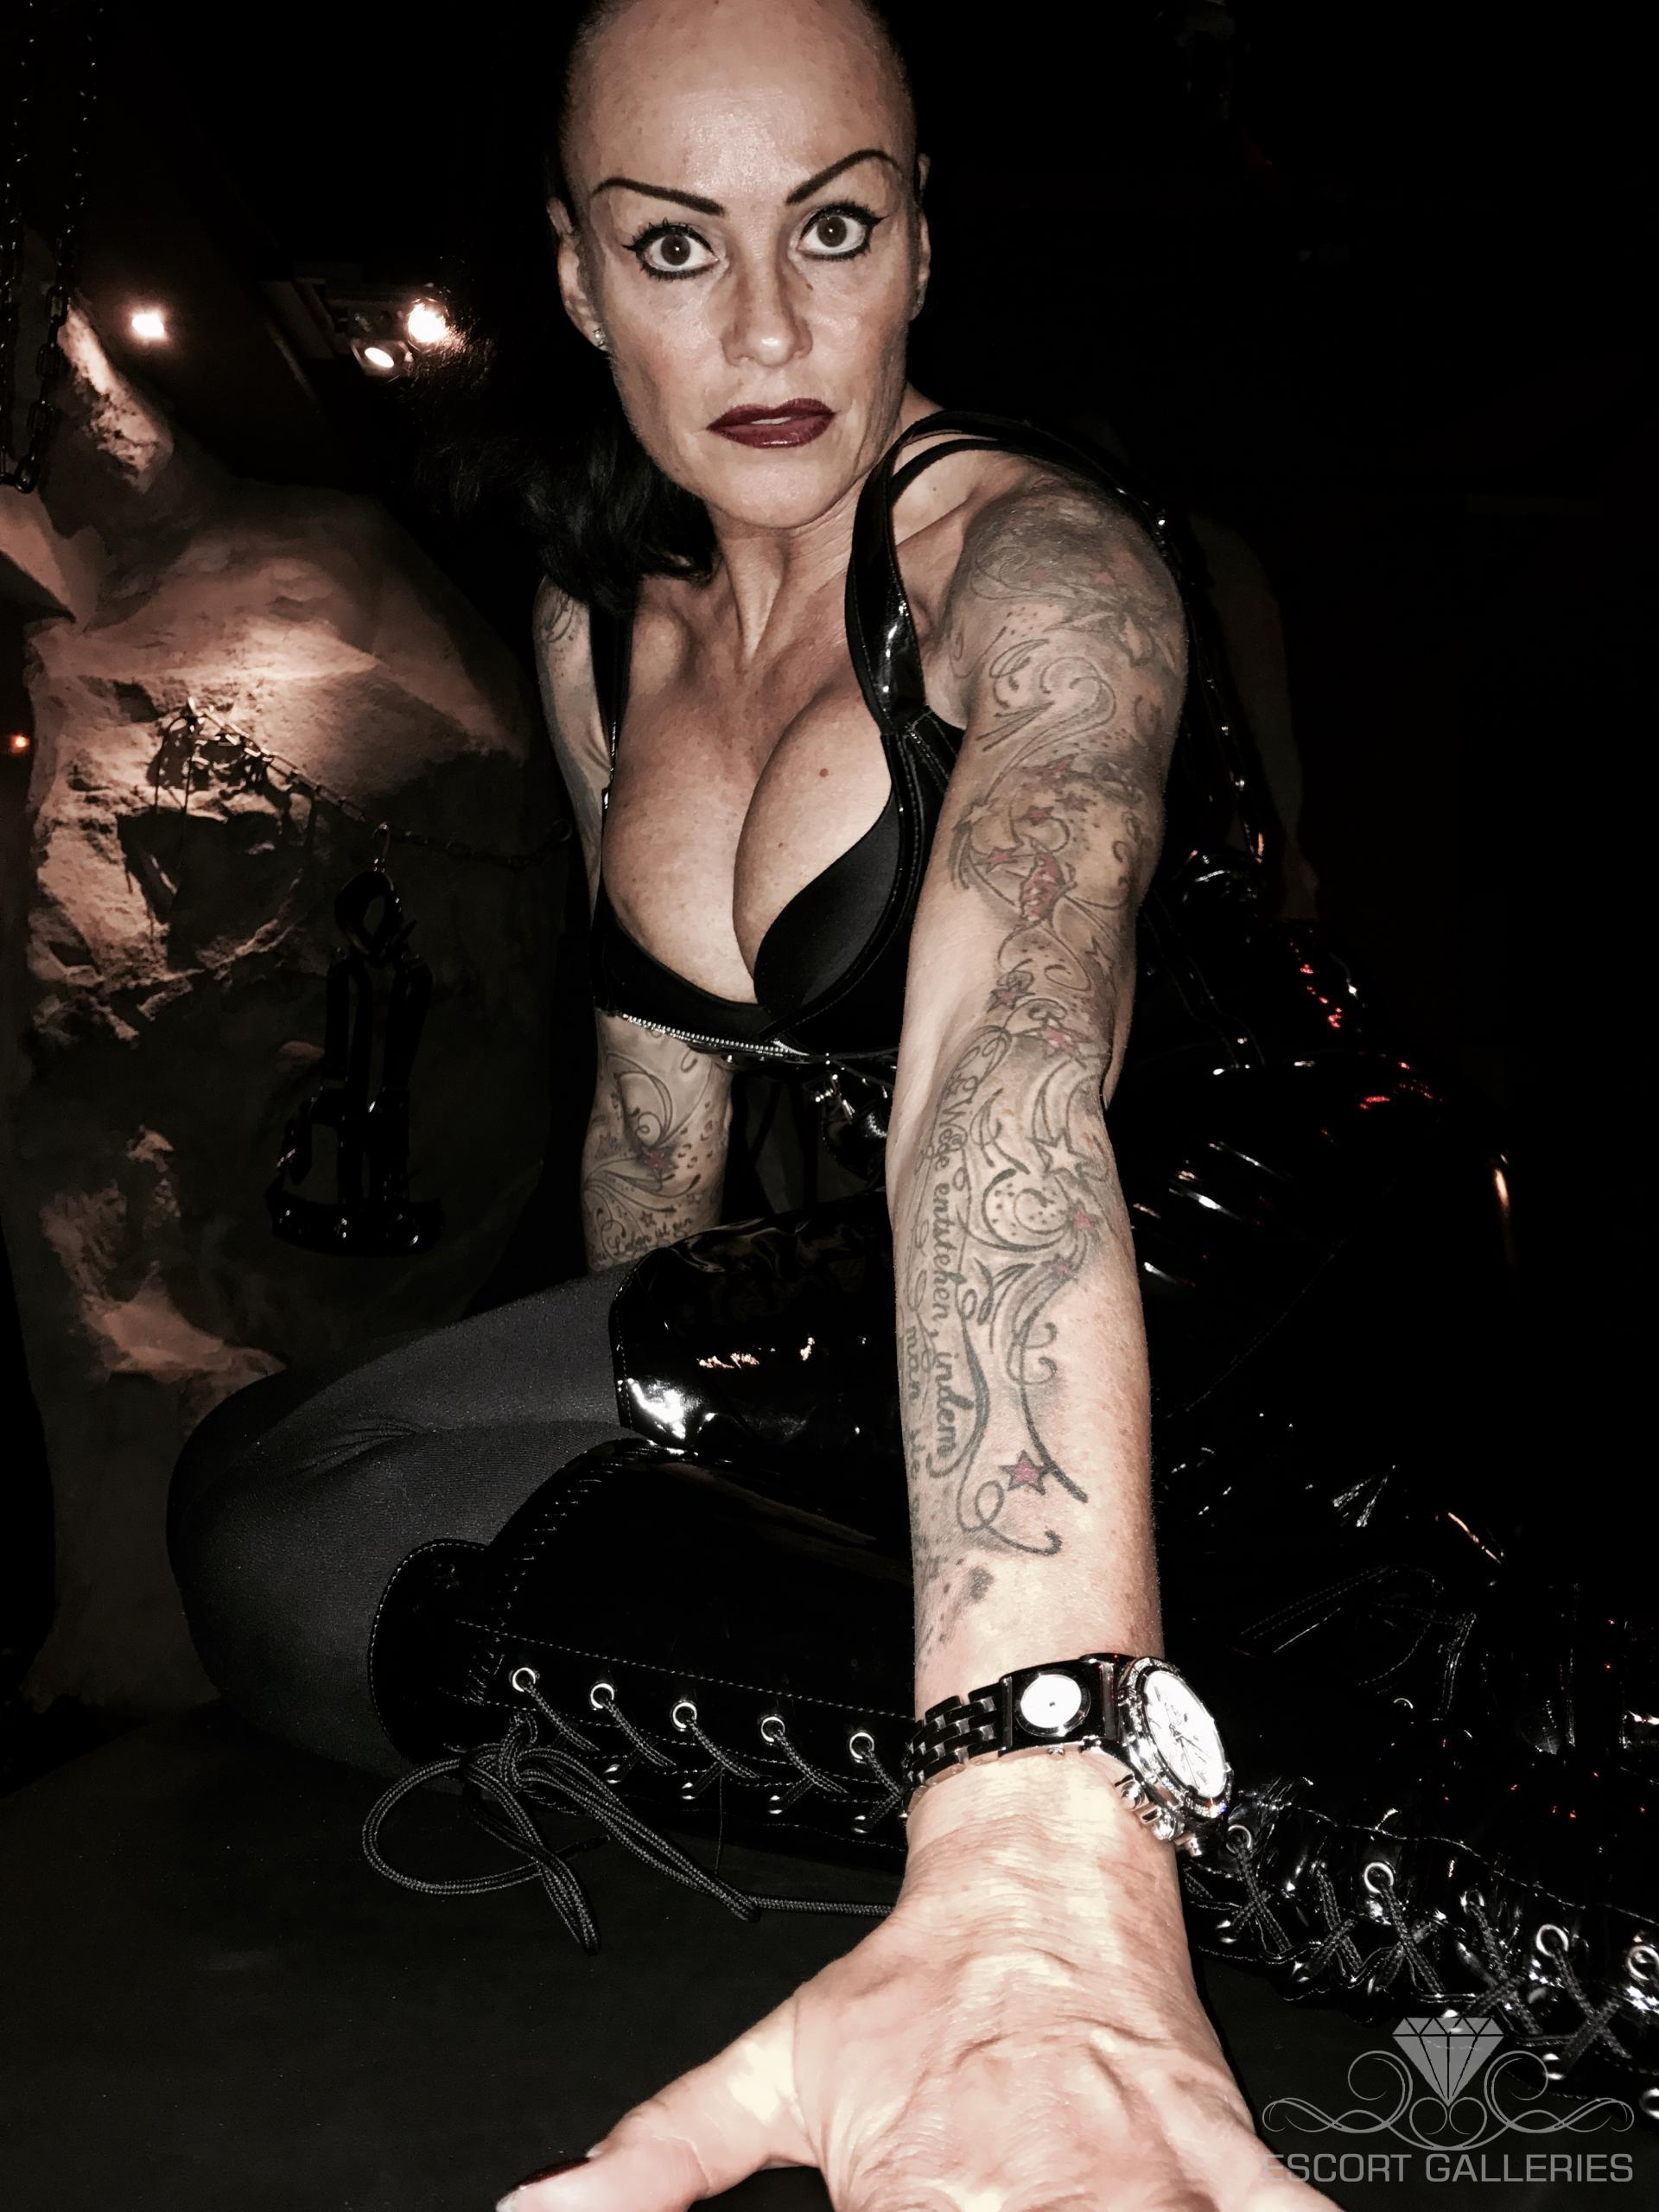 tatueringar hotell eskort avsugning